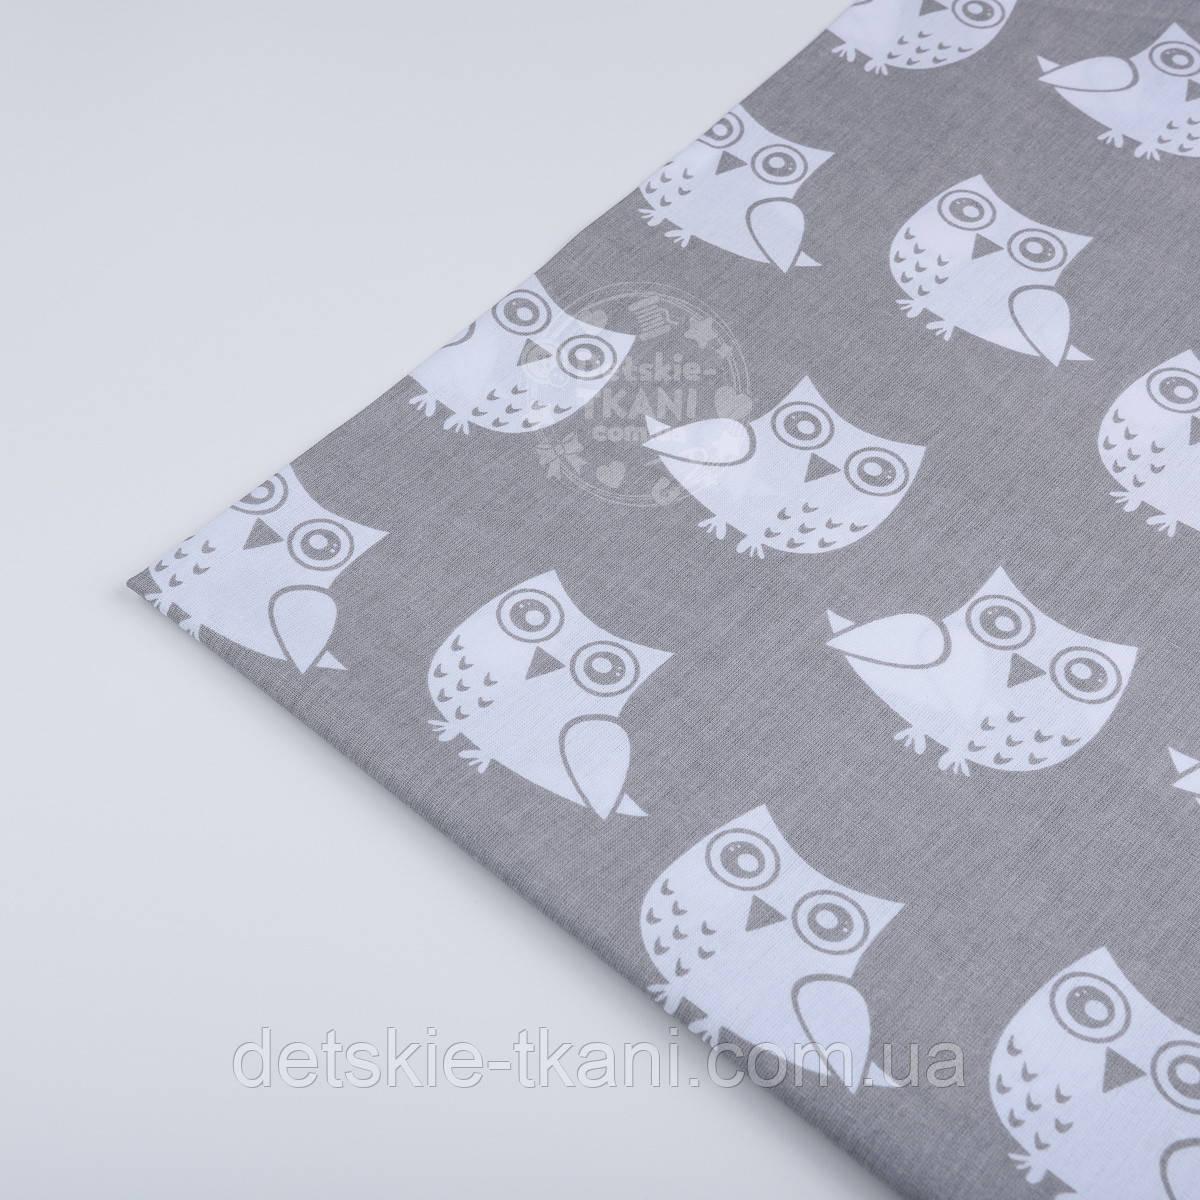 Лоскут ткани №18  серого цвета с изображением белых совушек, размер 25*80 см